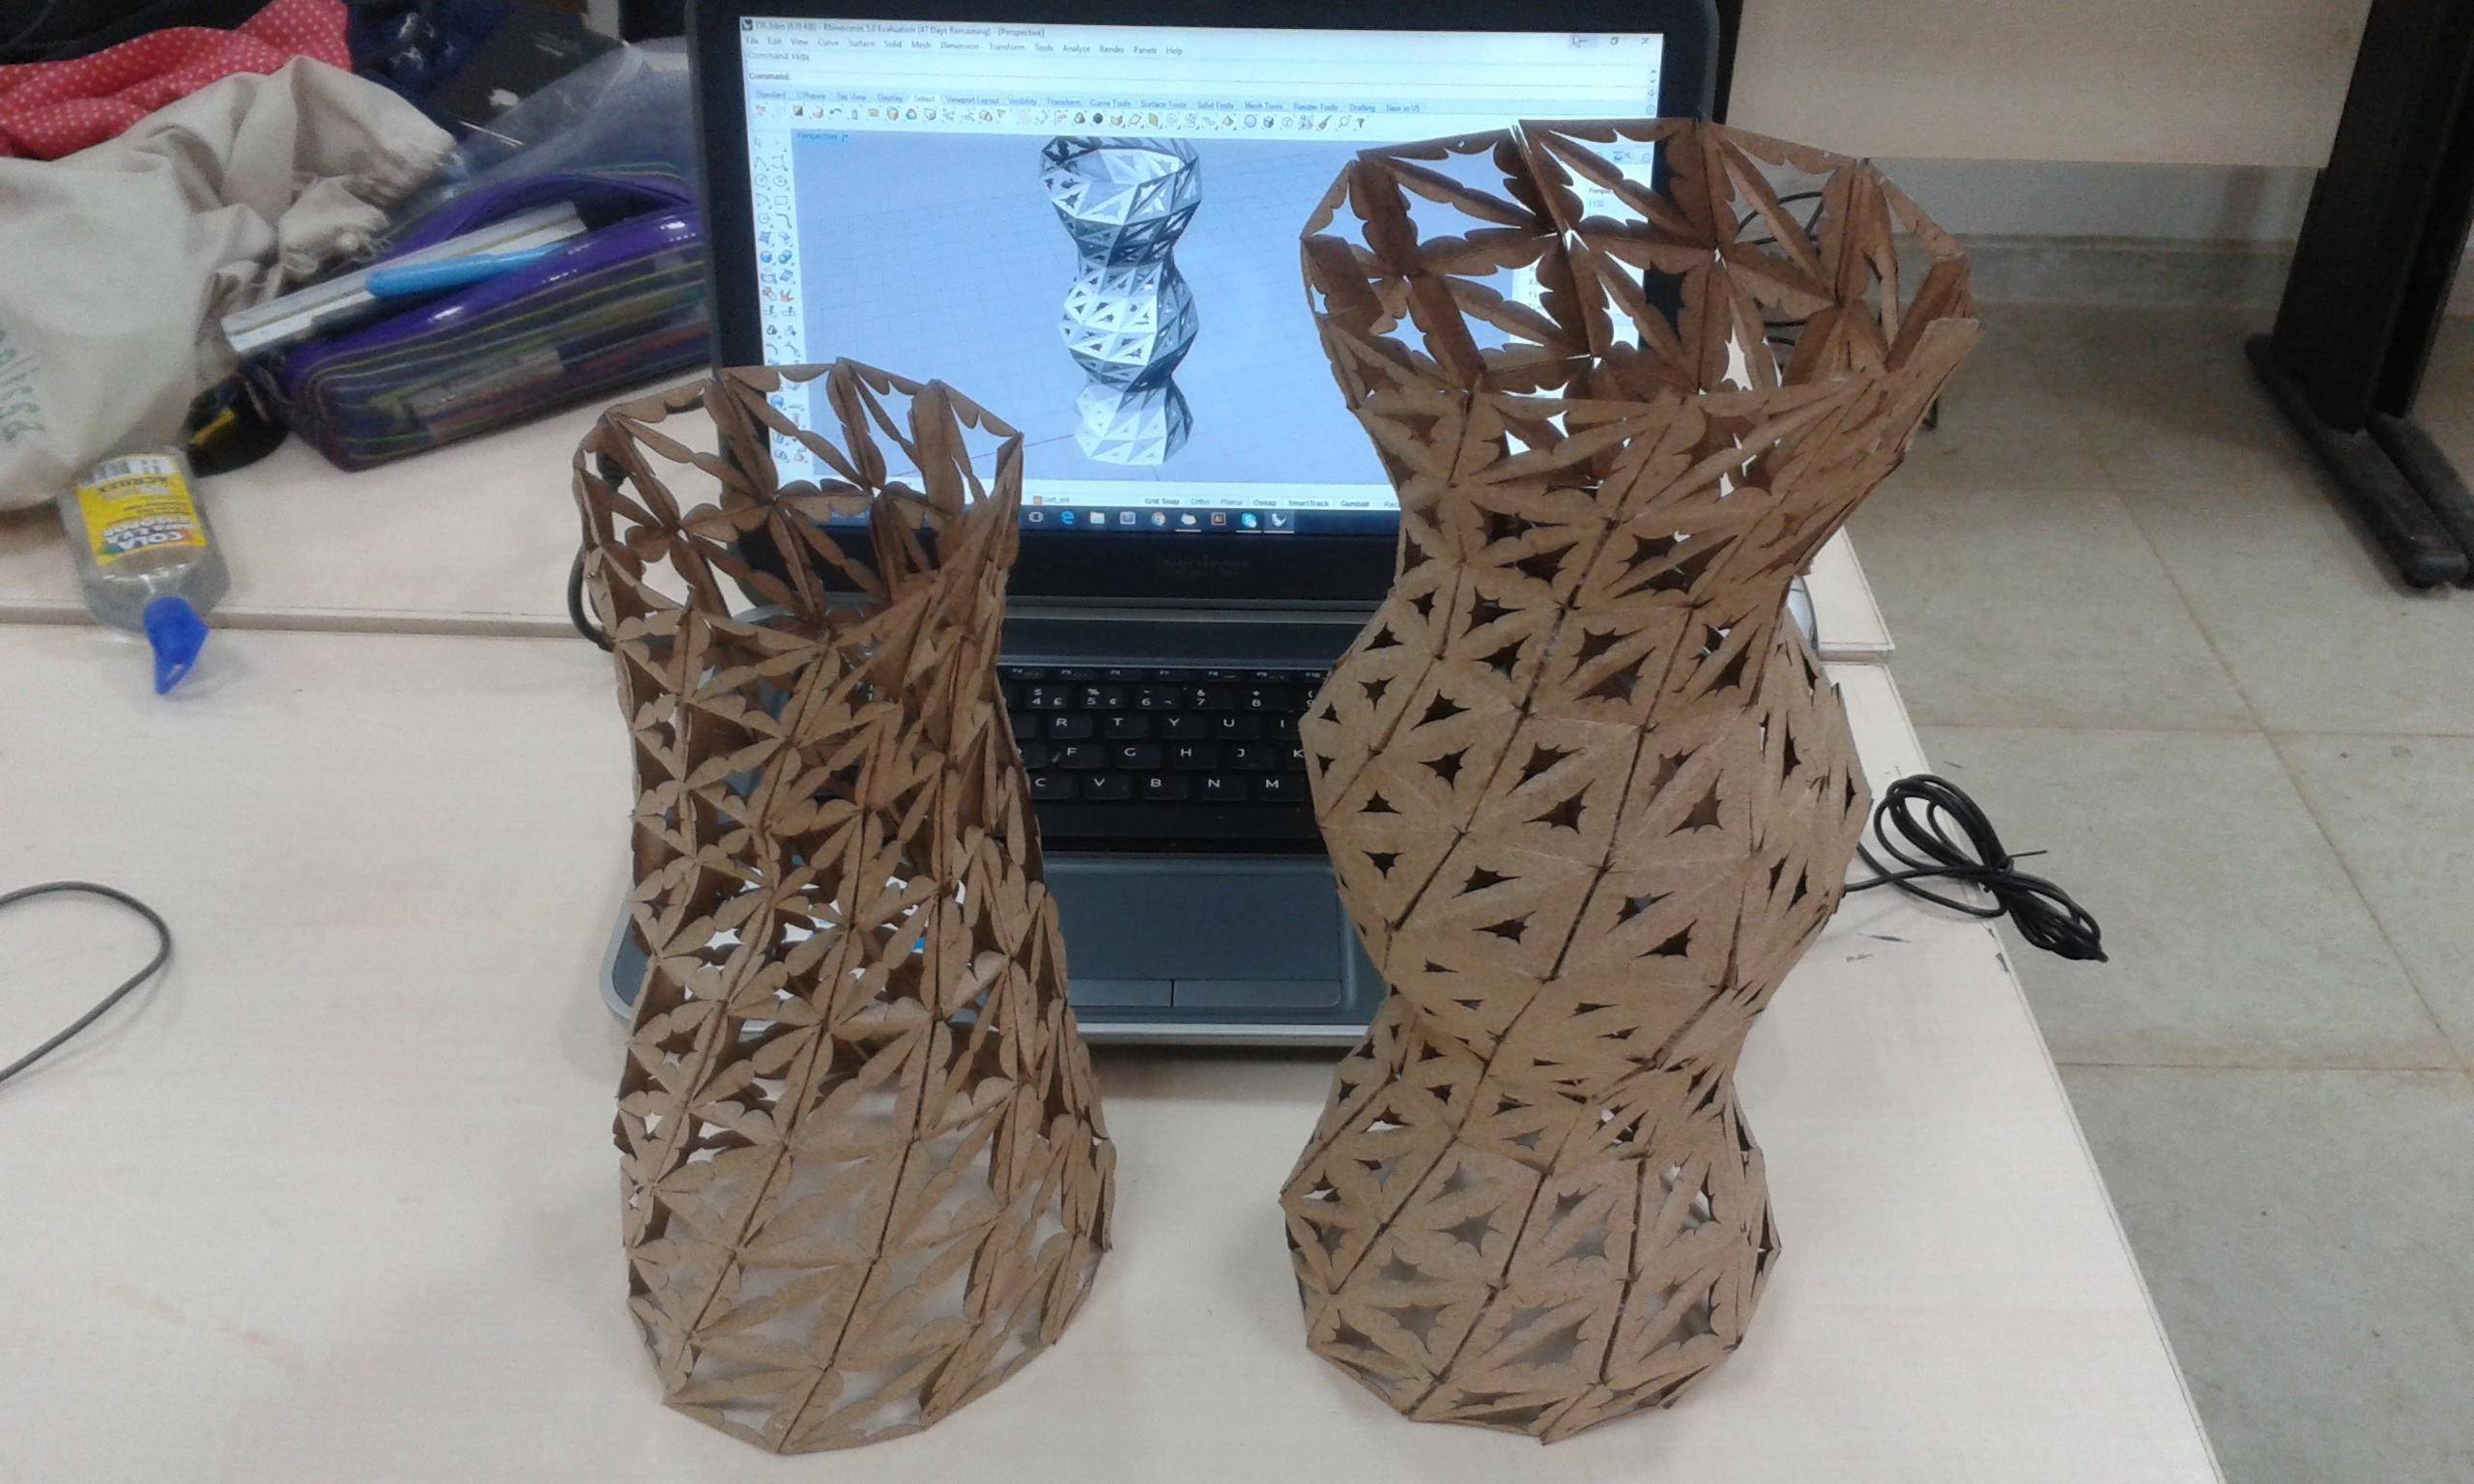 Fabricação digital Grasshopper